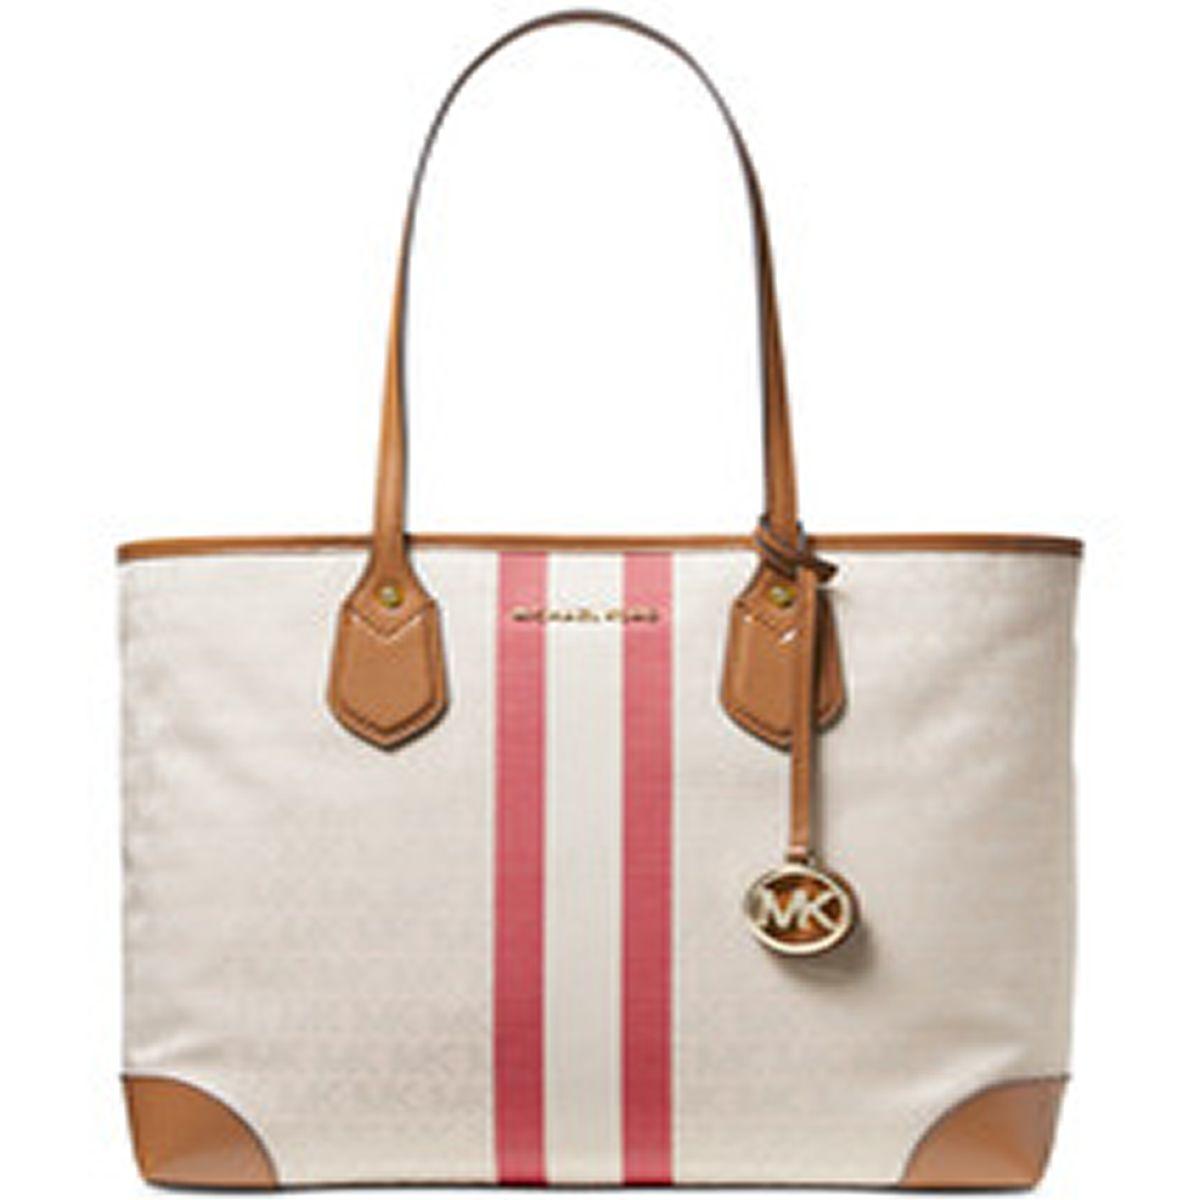 9a73adee0 Michael Kors Tote Bags - Macy's